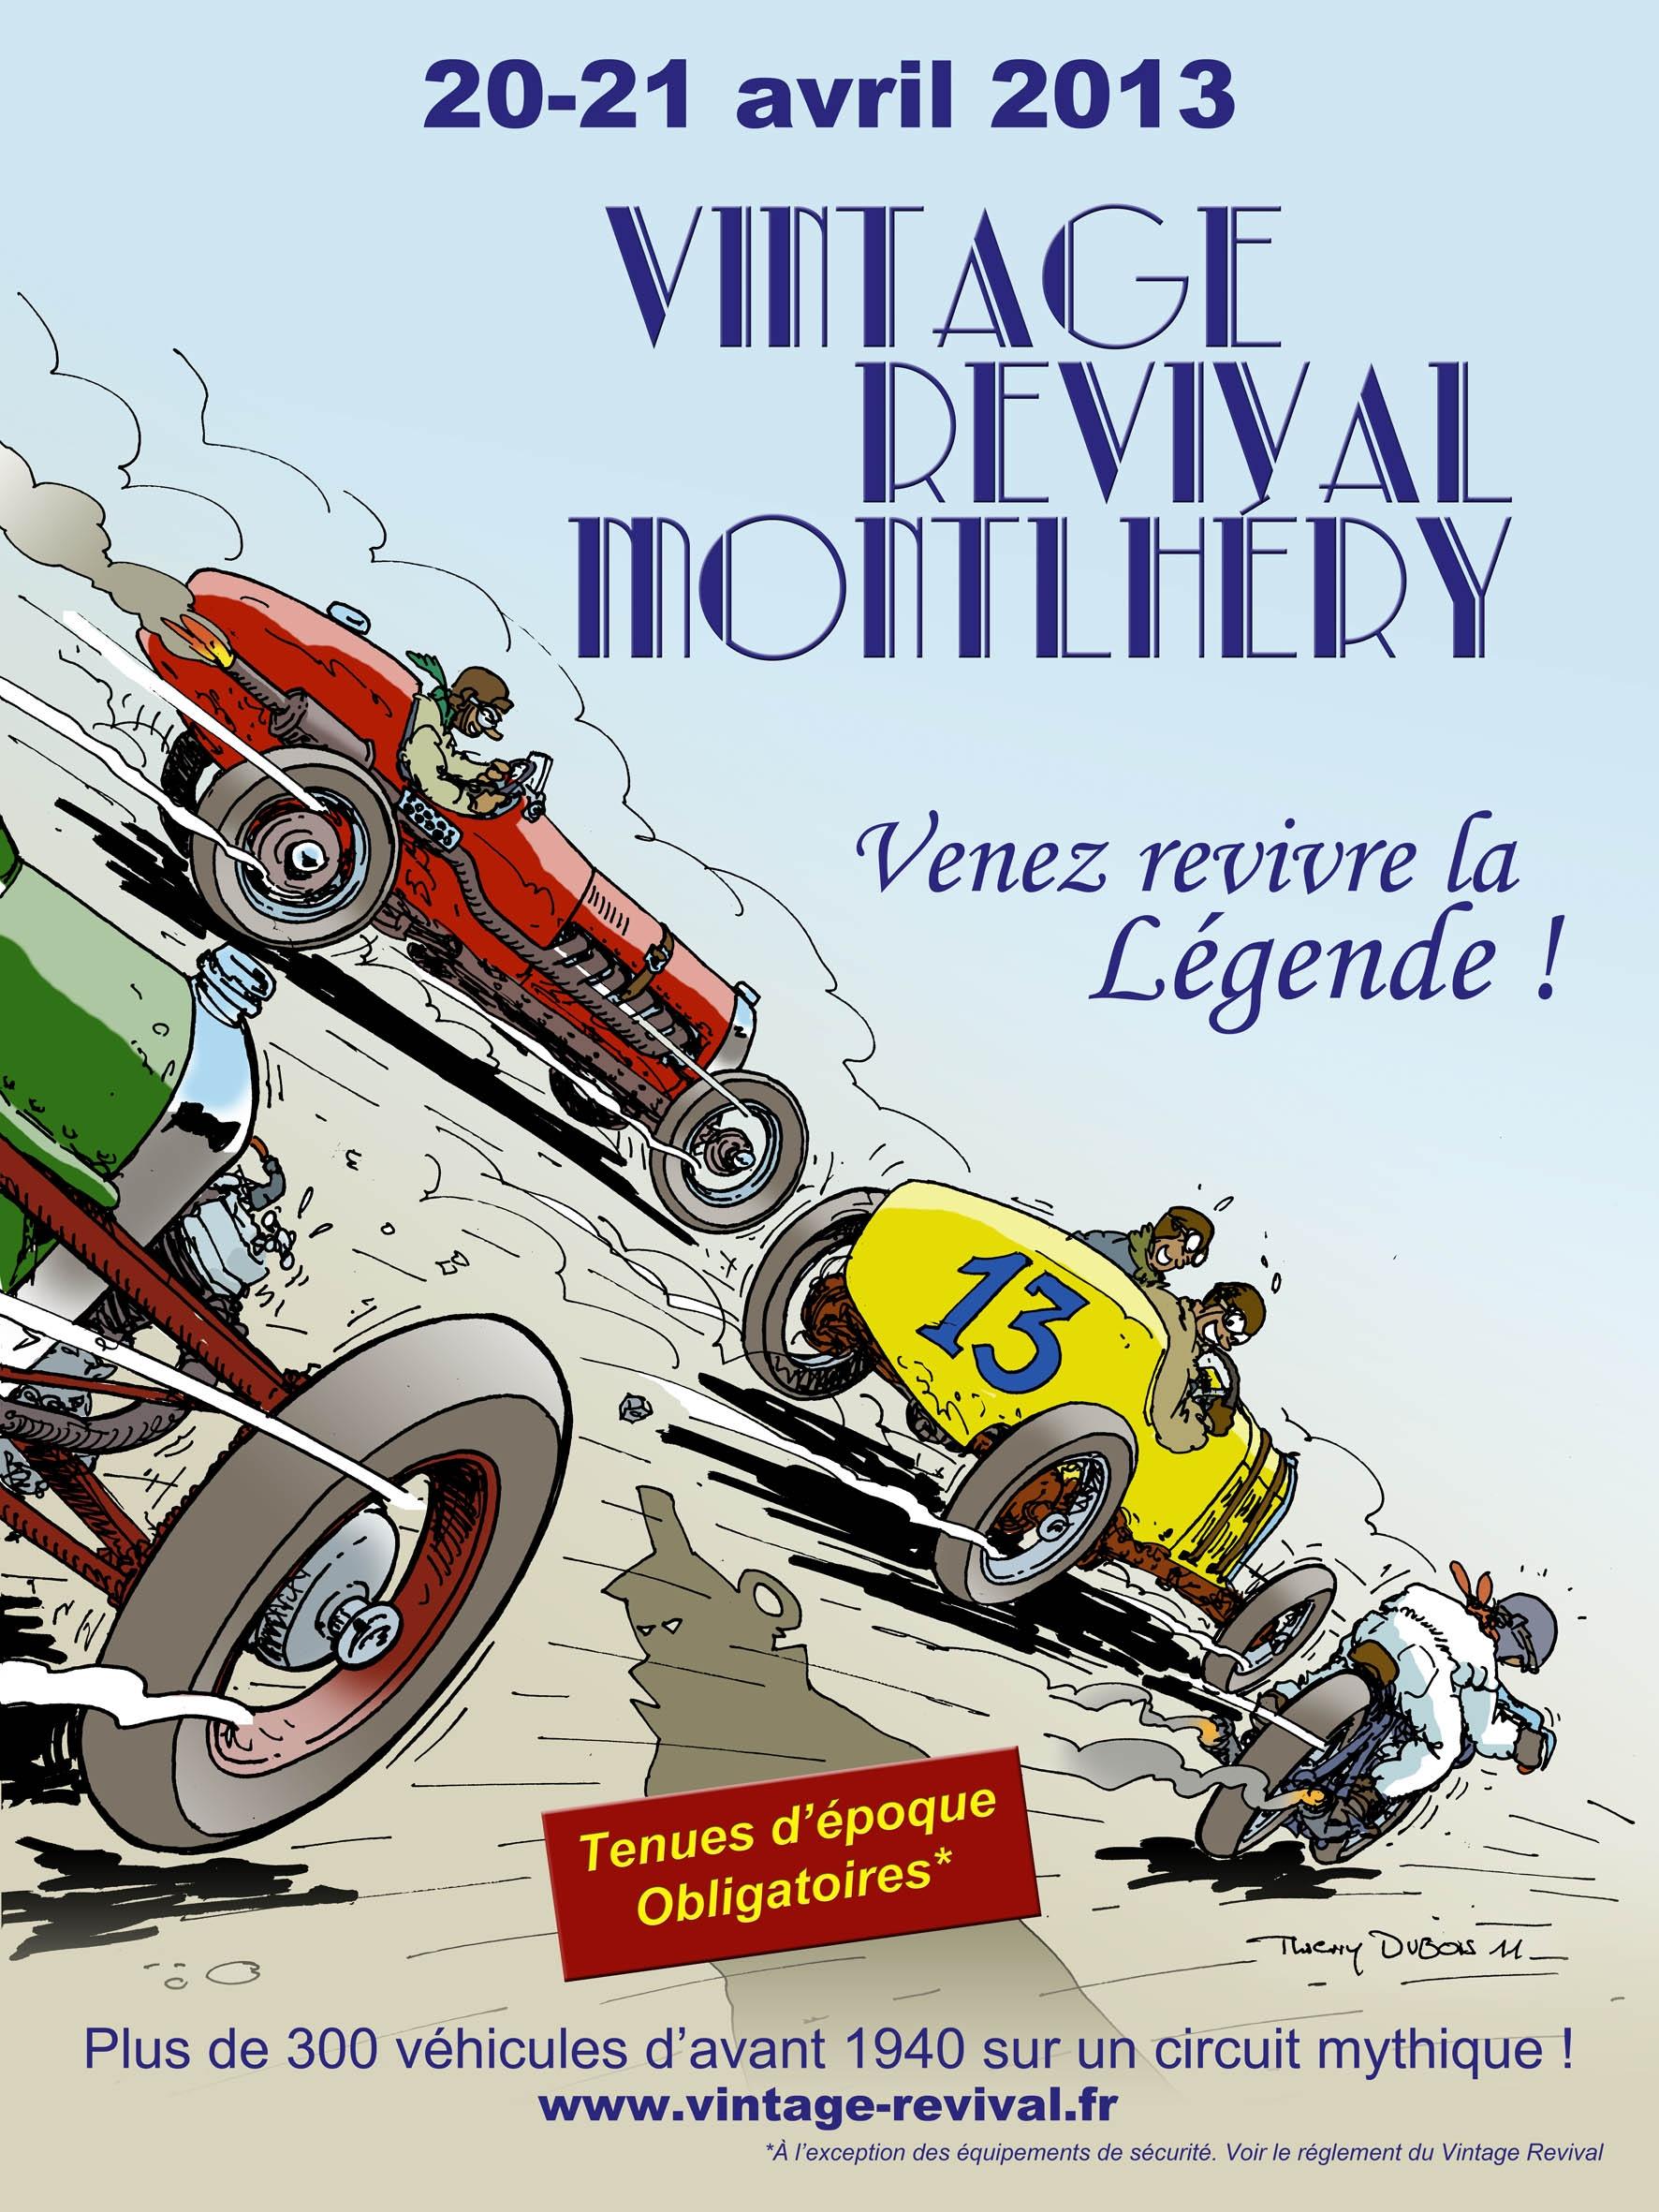 http://www.vintage-revival.fr/wp-content/uploads/2011/05/Affiche-VRM-2013-2.jpg